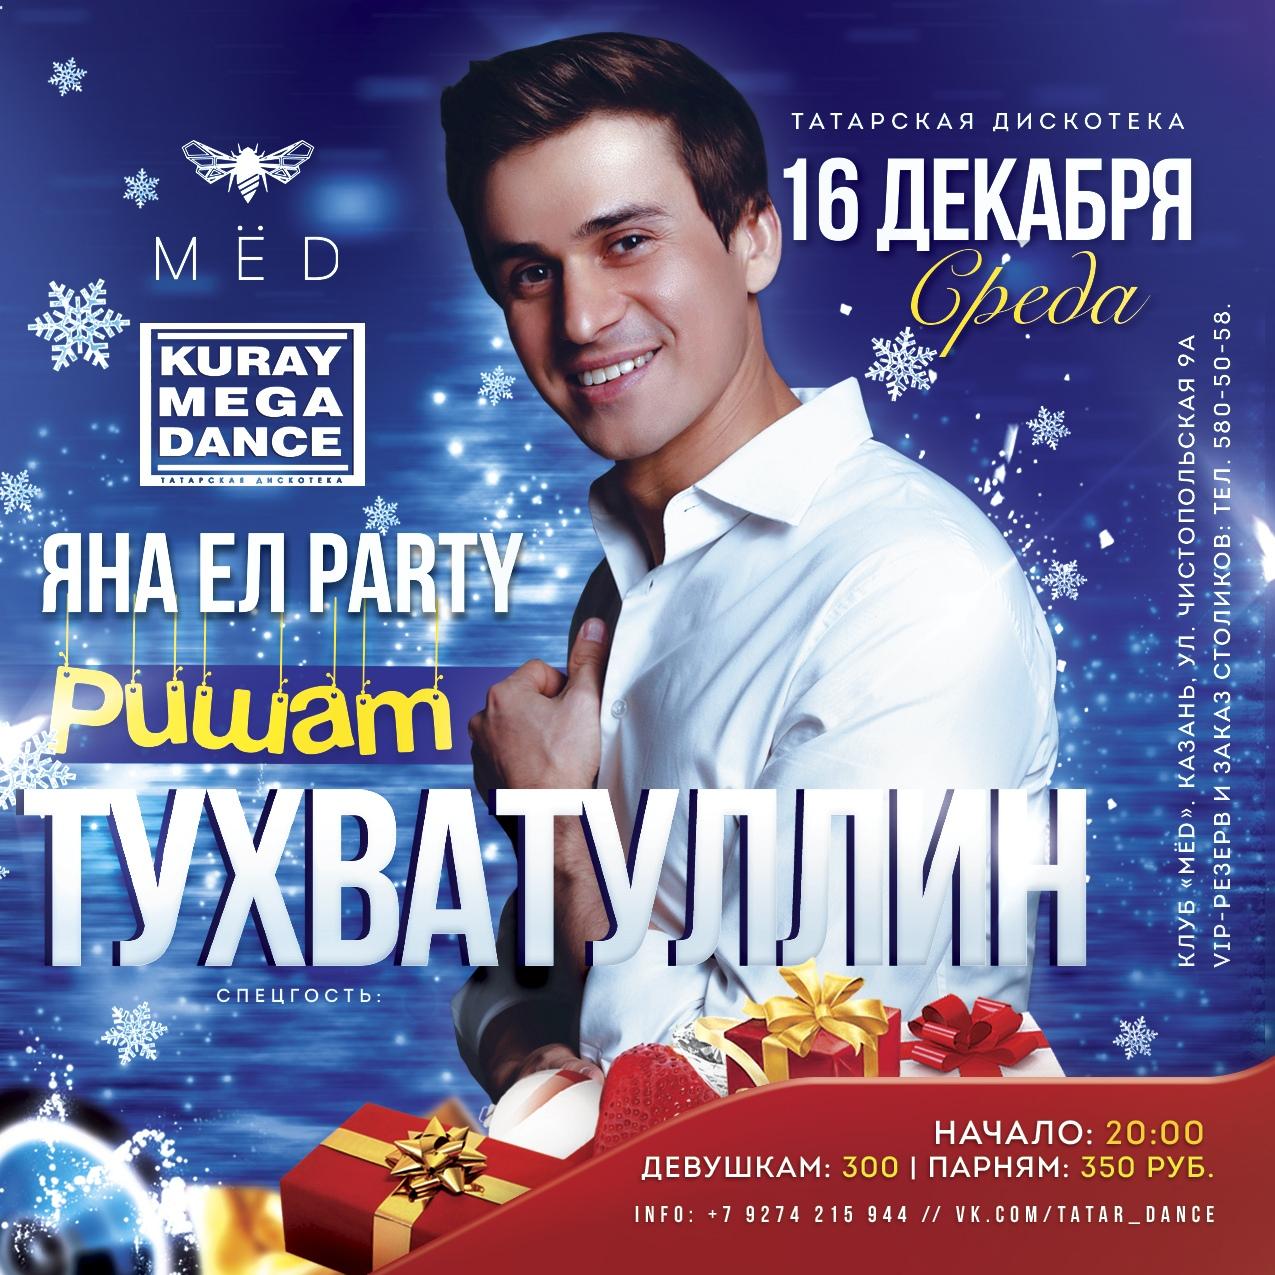 Афиша Казань 16 декабря / РИШАТ ТУХВАТУЛЛИН / «MЁD kitchen»